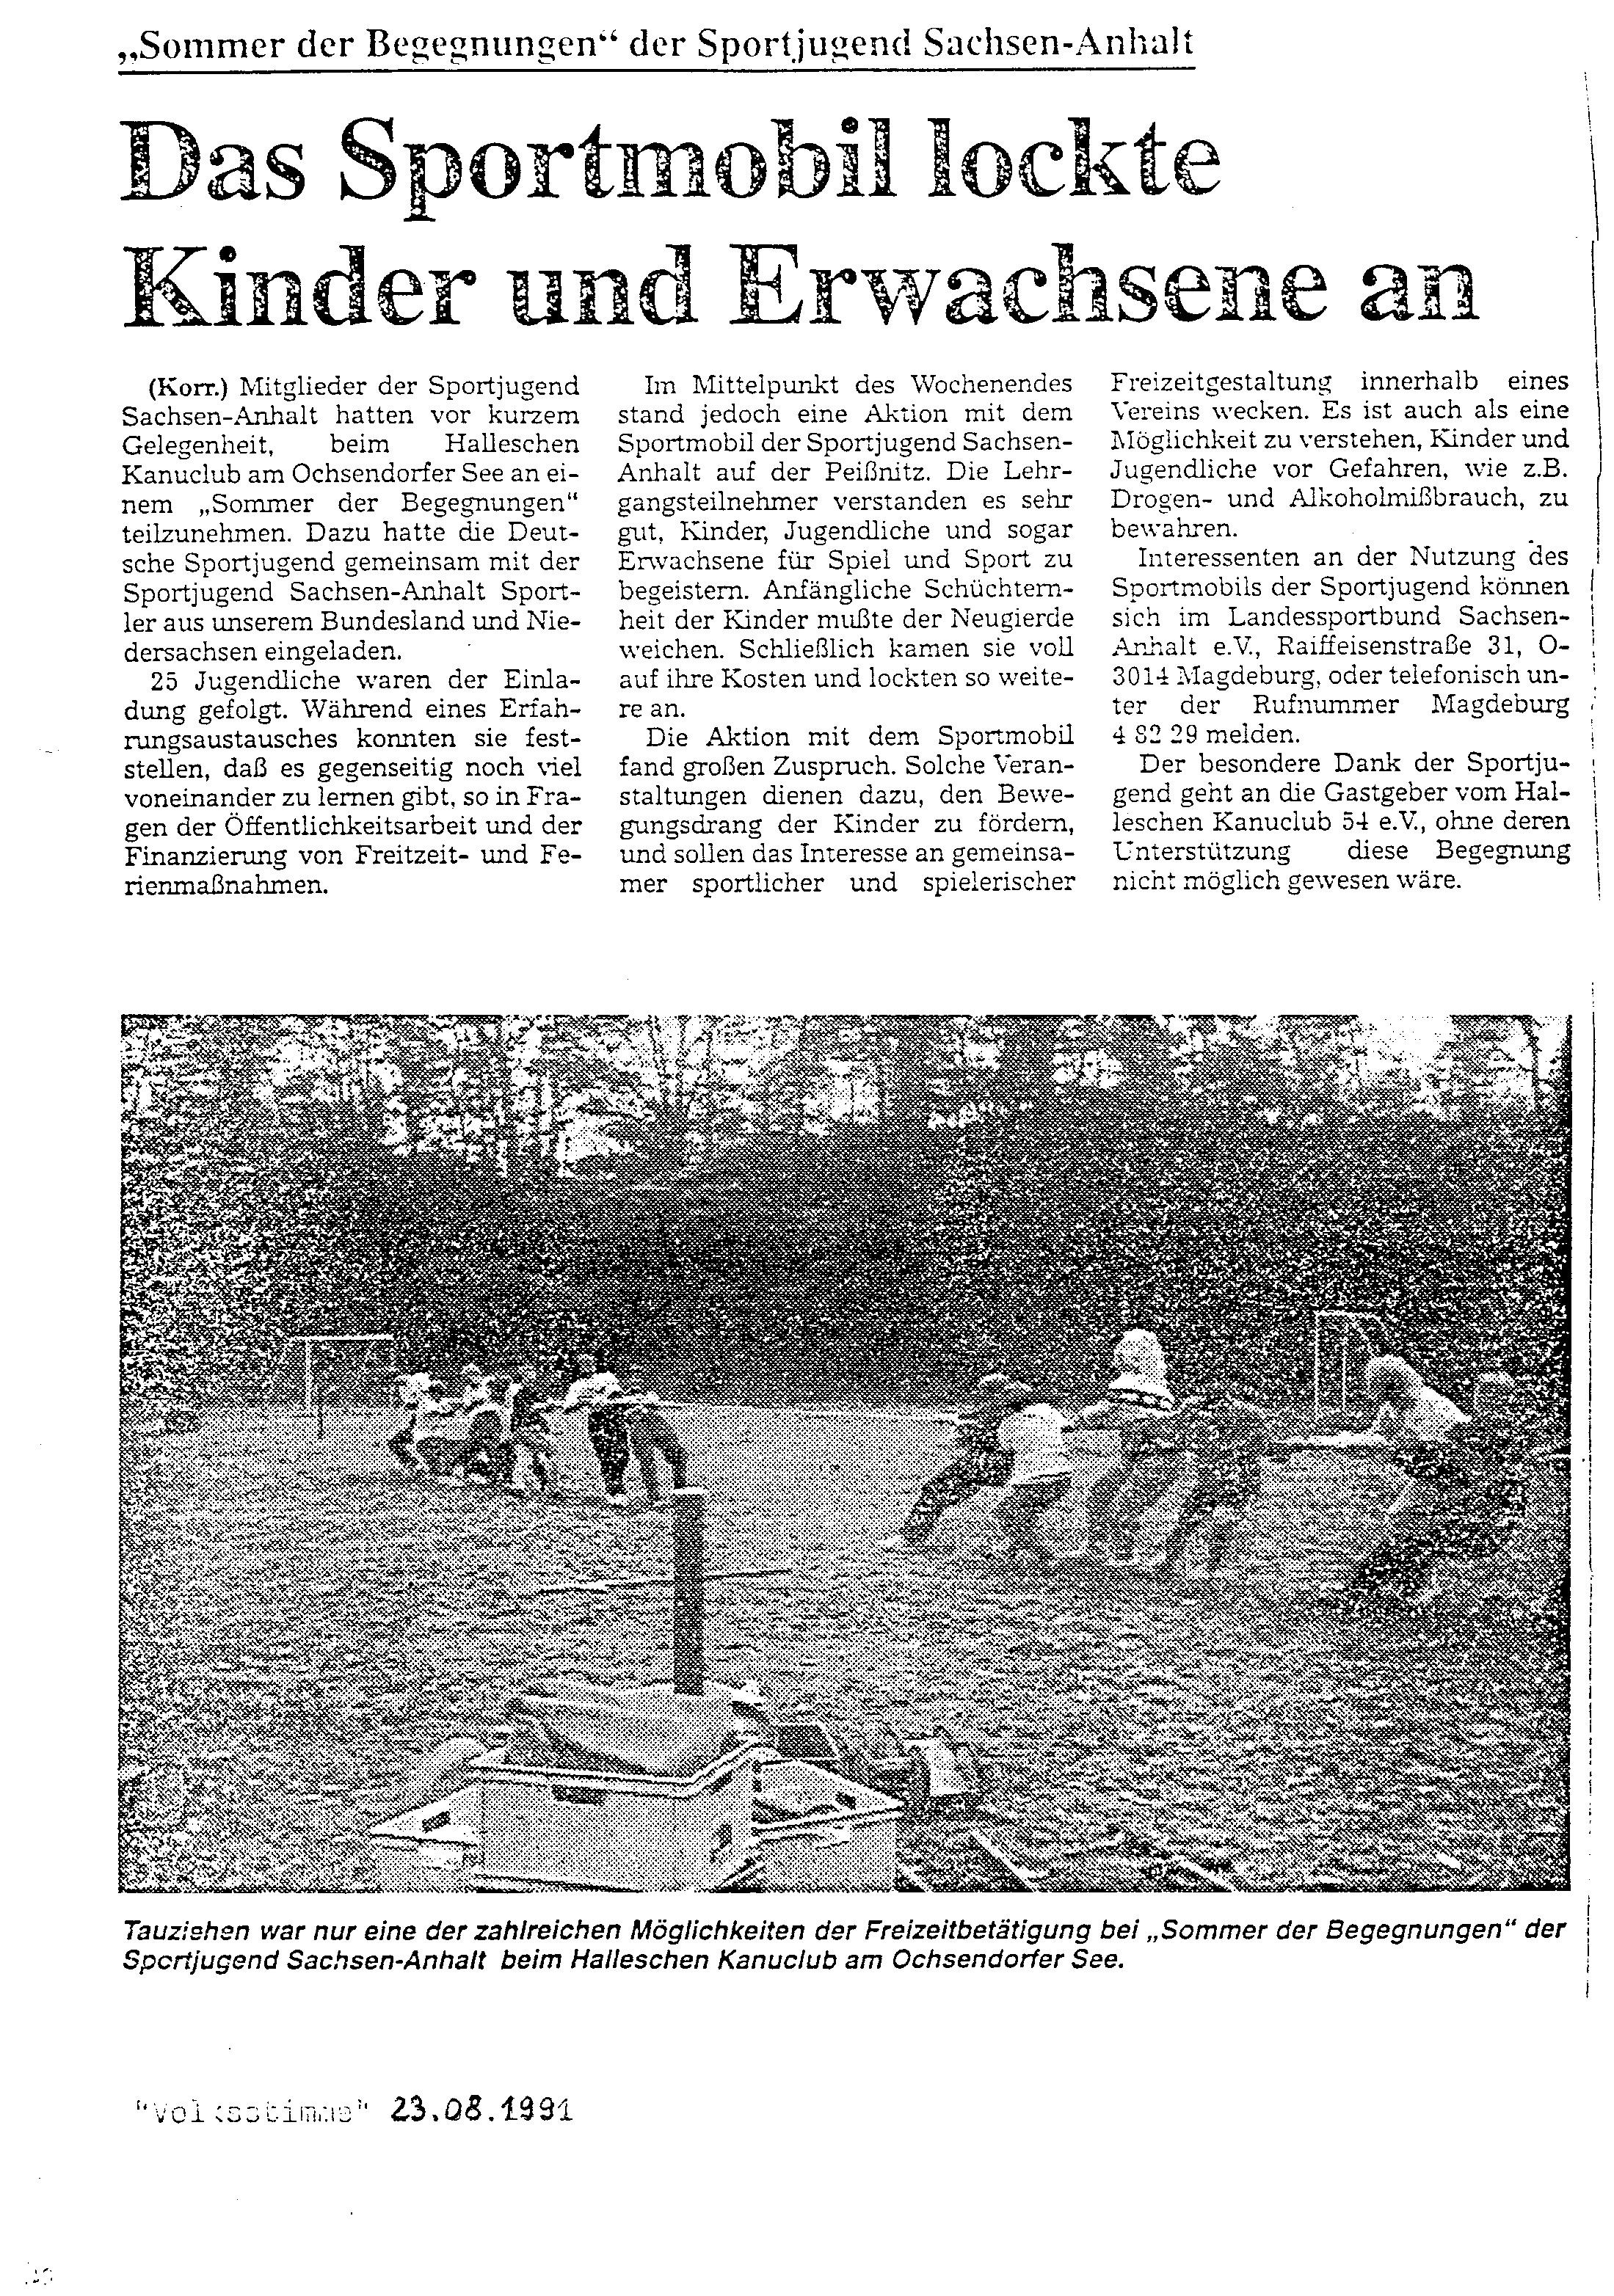 1991-08-23 Sportmobil lockte Kinder und Erwachsene